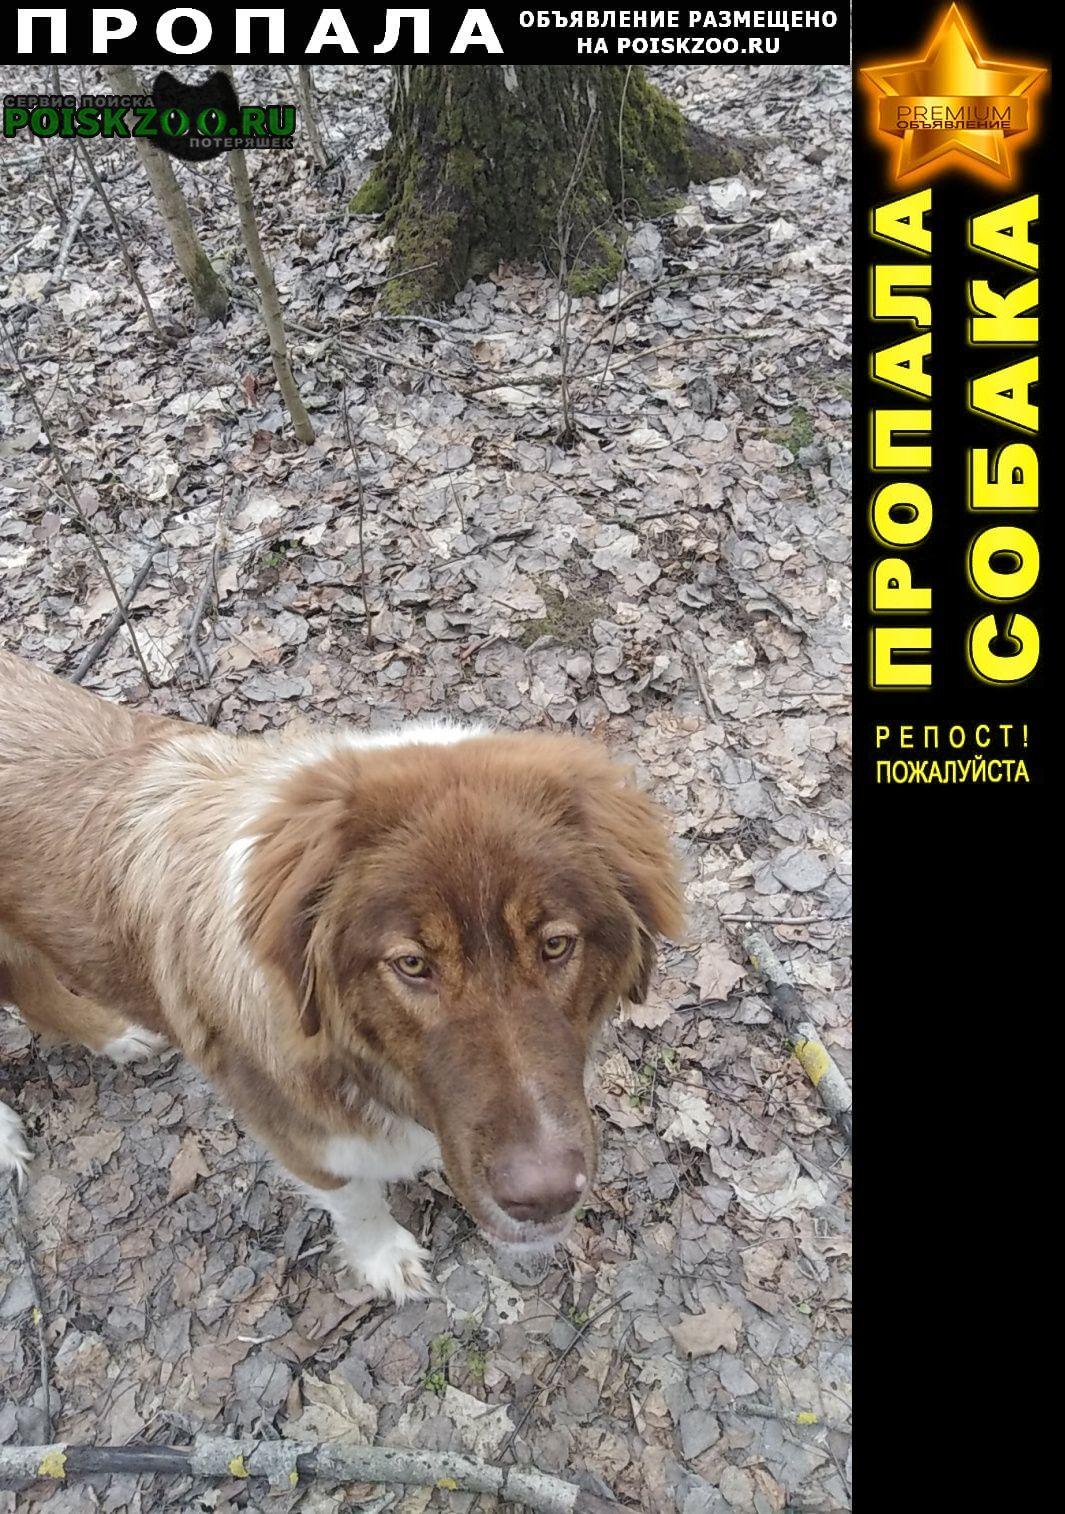 Пропала собака Спасск-Рязанский